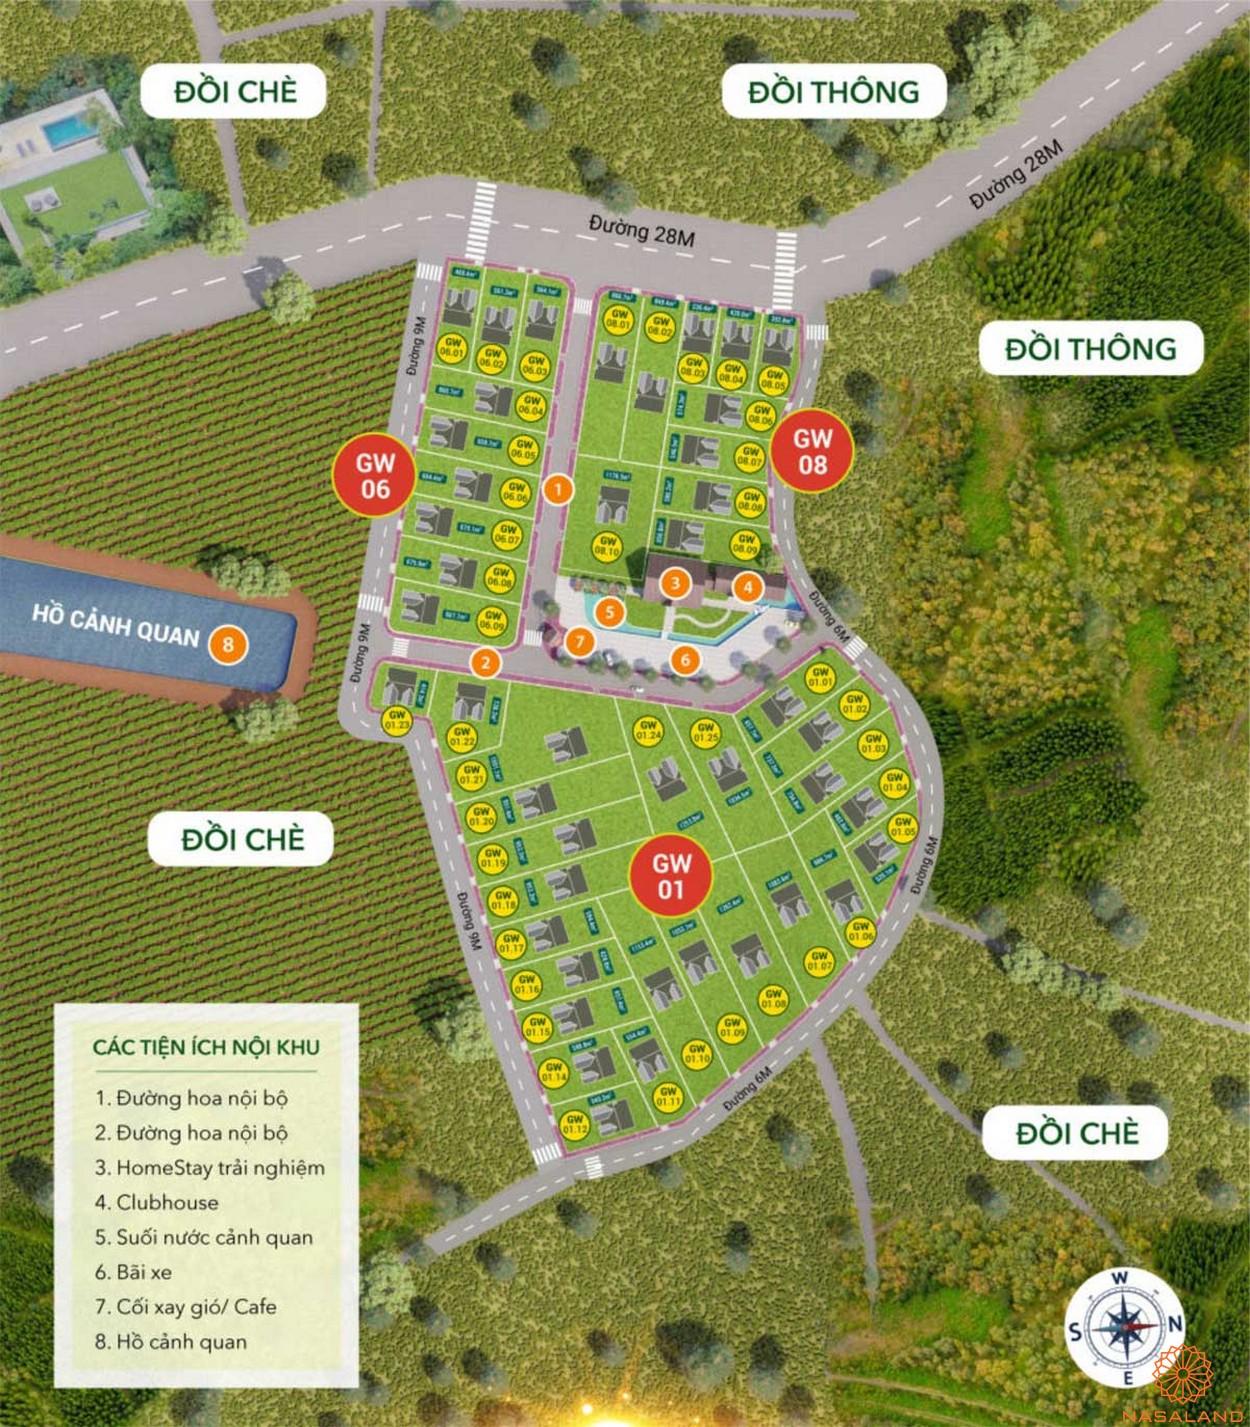 Mặt bằng tổng thể dự án Bảo Lộc Greenwich Lâm Đồn